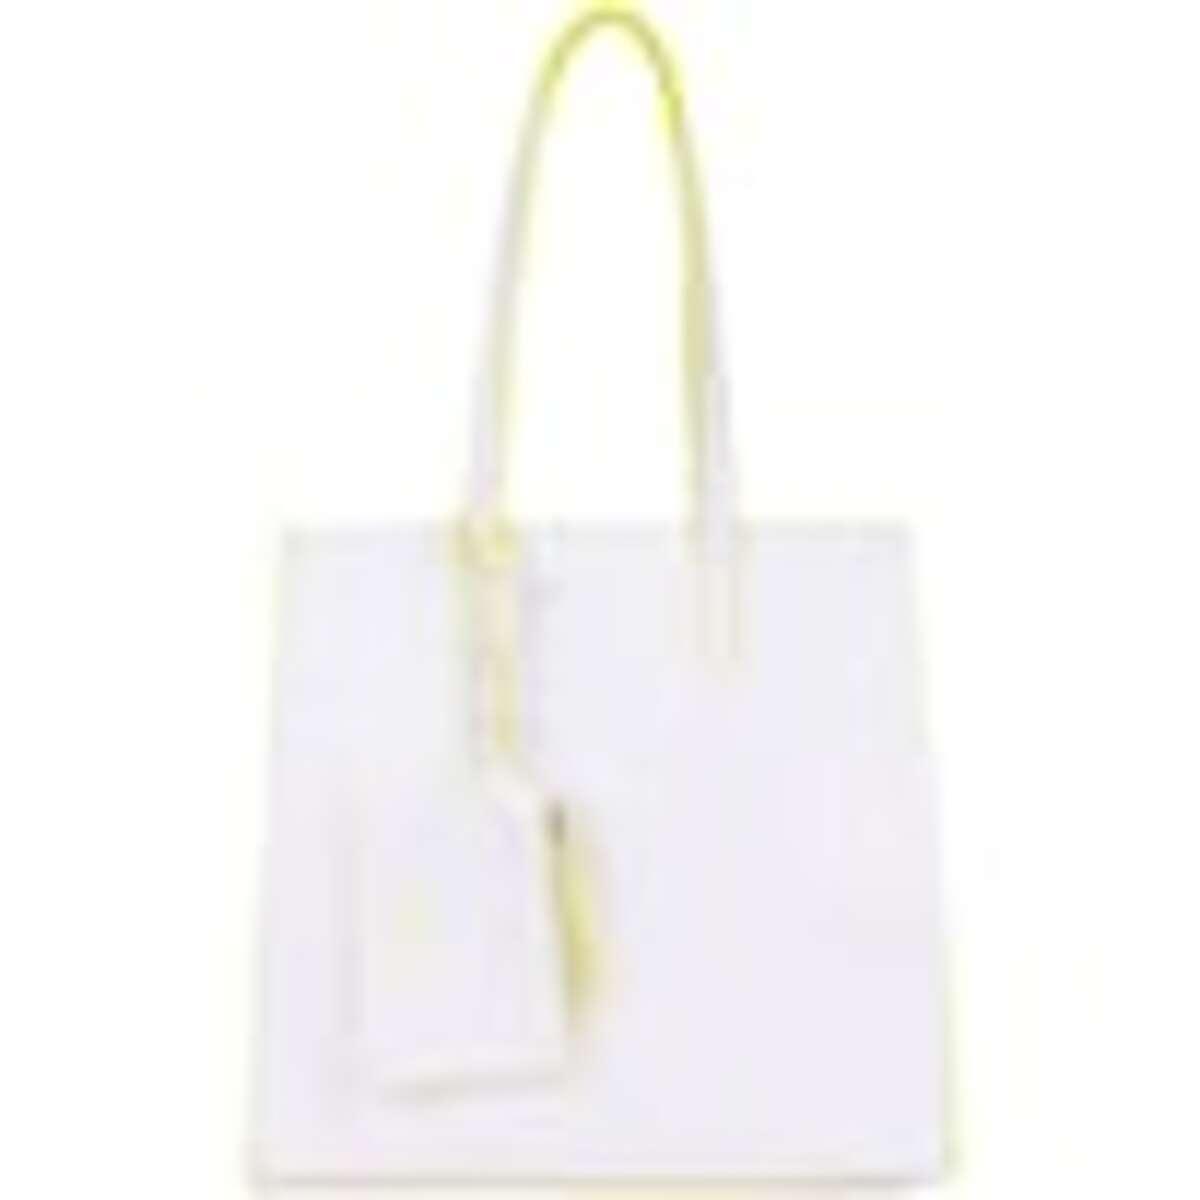 Bild 1 von Emily & Noah Produkte white Shopper 1.0 st